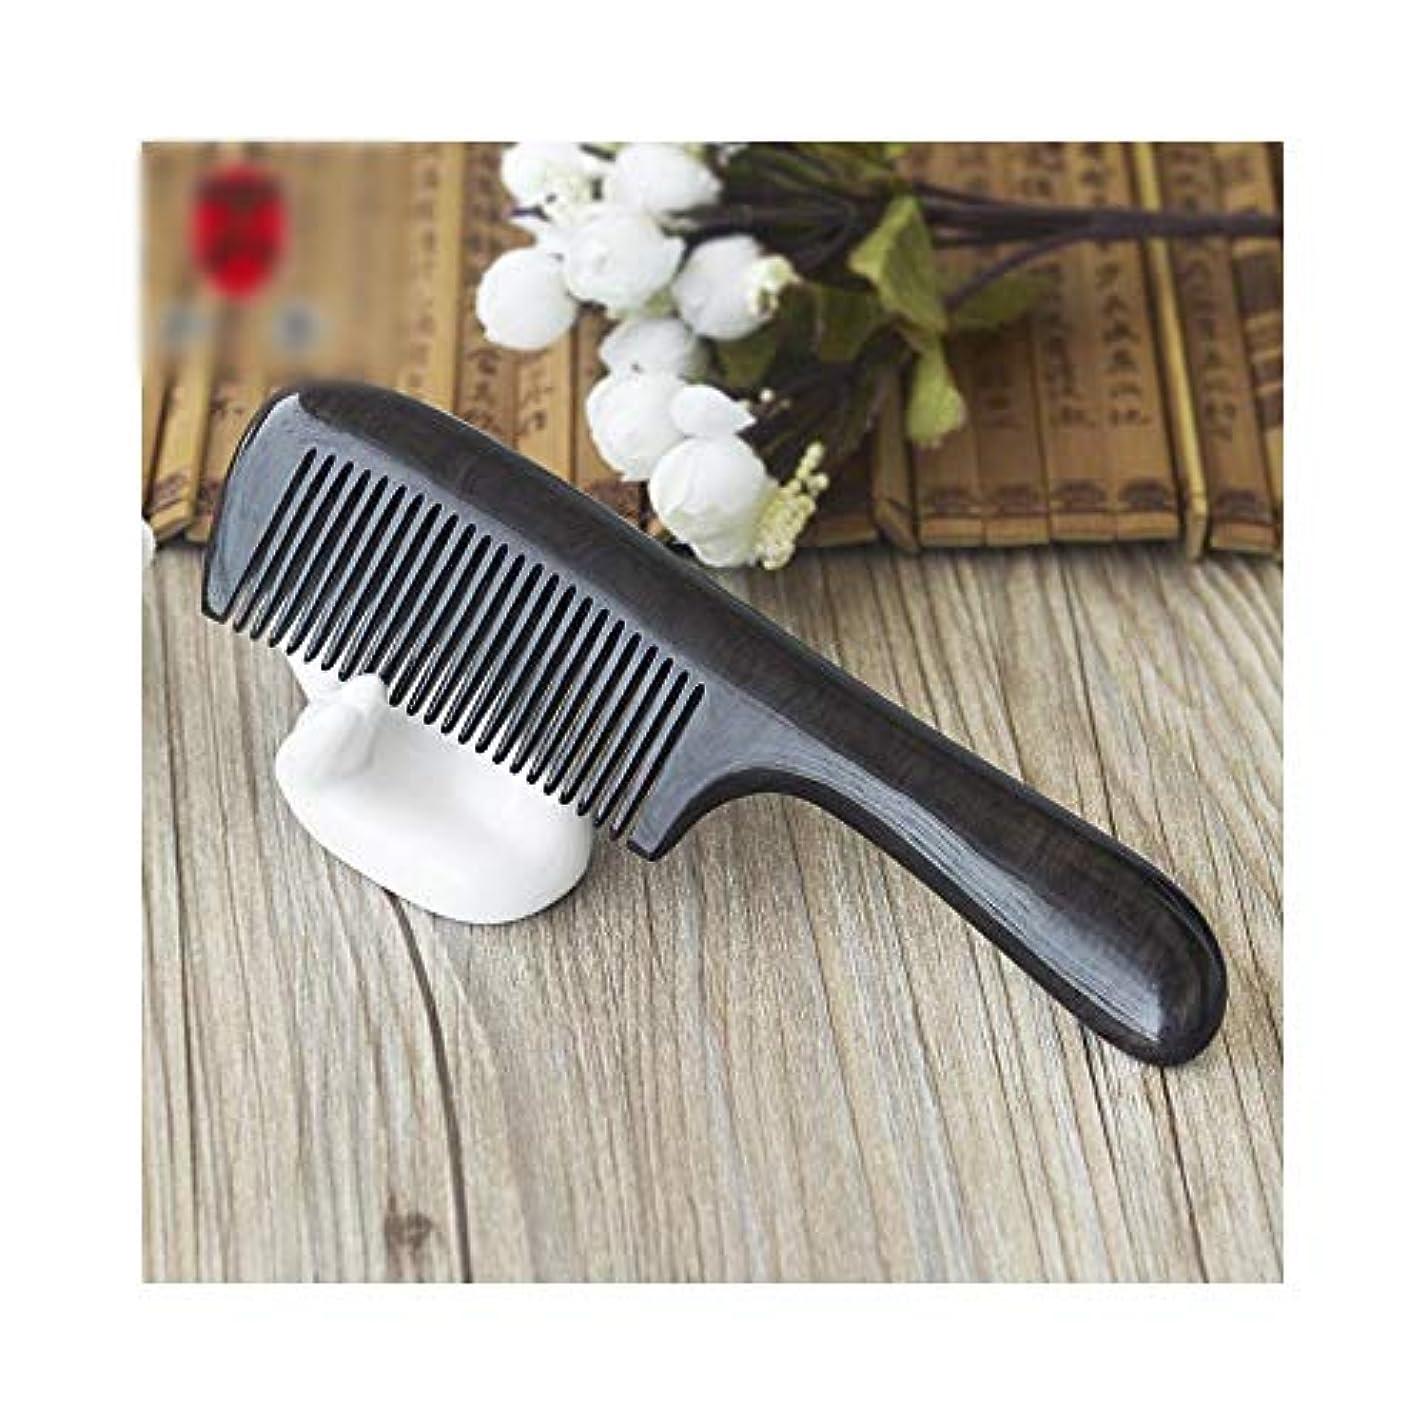 事前に弾薬コードWASAIO ウッドクラフトブラックサンダルウッド櫛、かゆみ頭皮を緩和するのに役立ちます、帯電防止櫛女性ウェットドライカーリーストレートヘアブラシブラシ手作り木製 (色 : 1283)